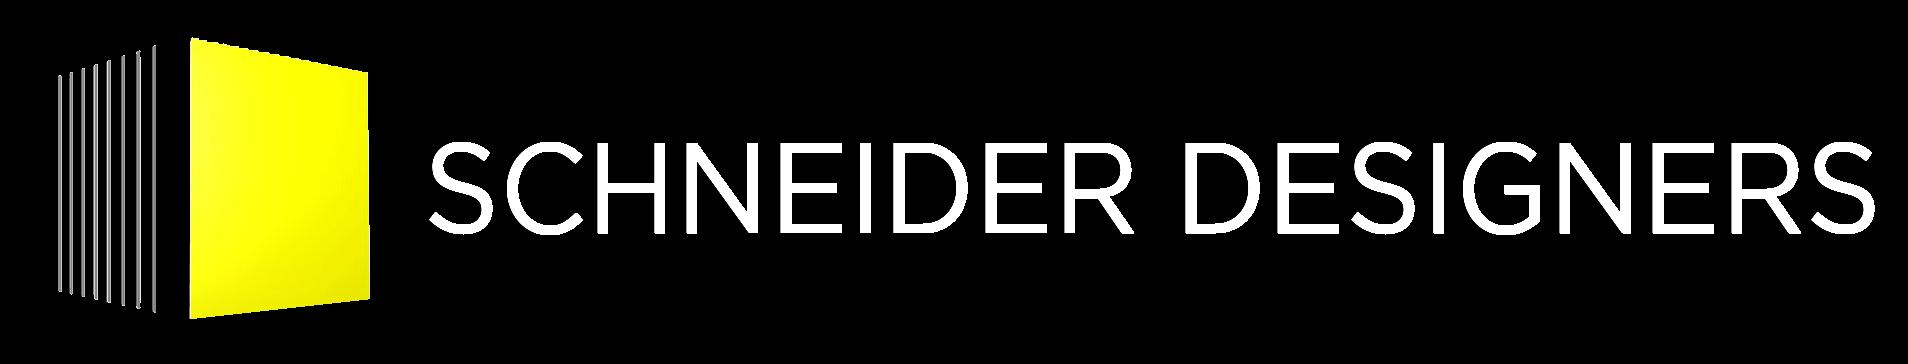 SCHNEIDER DESIGNERS